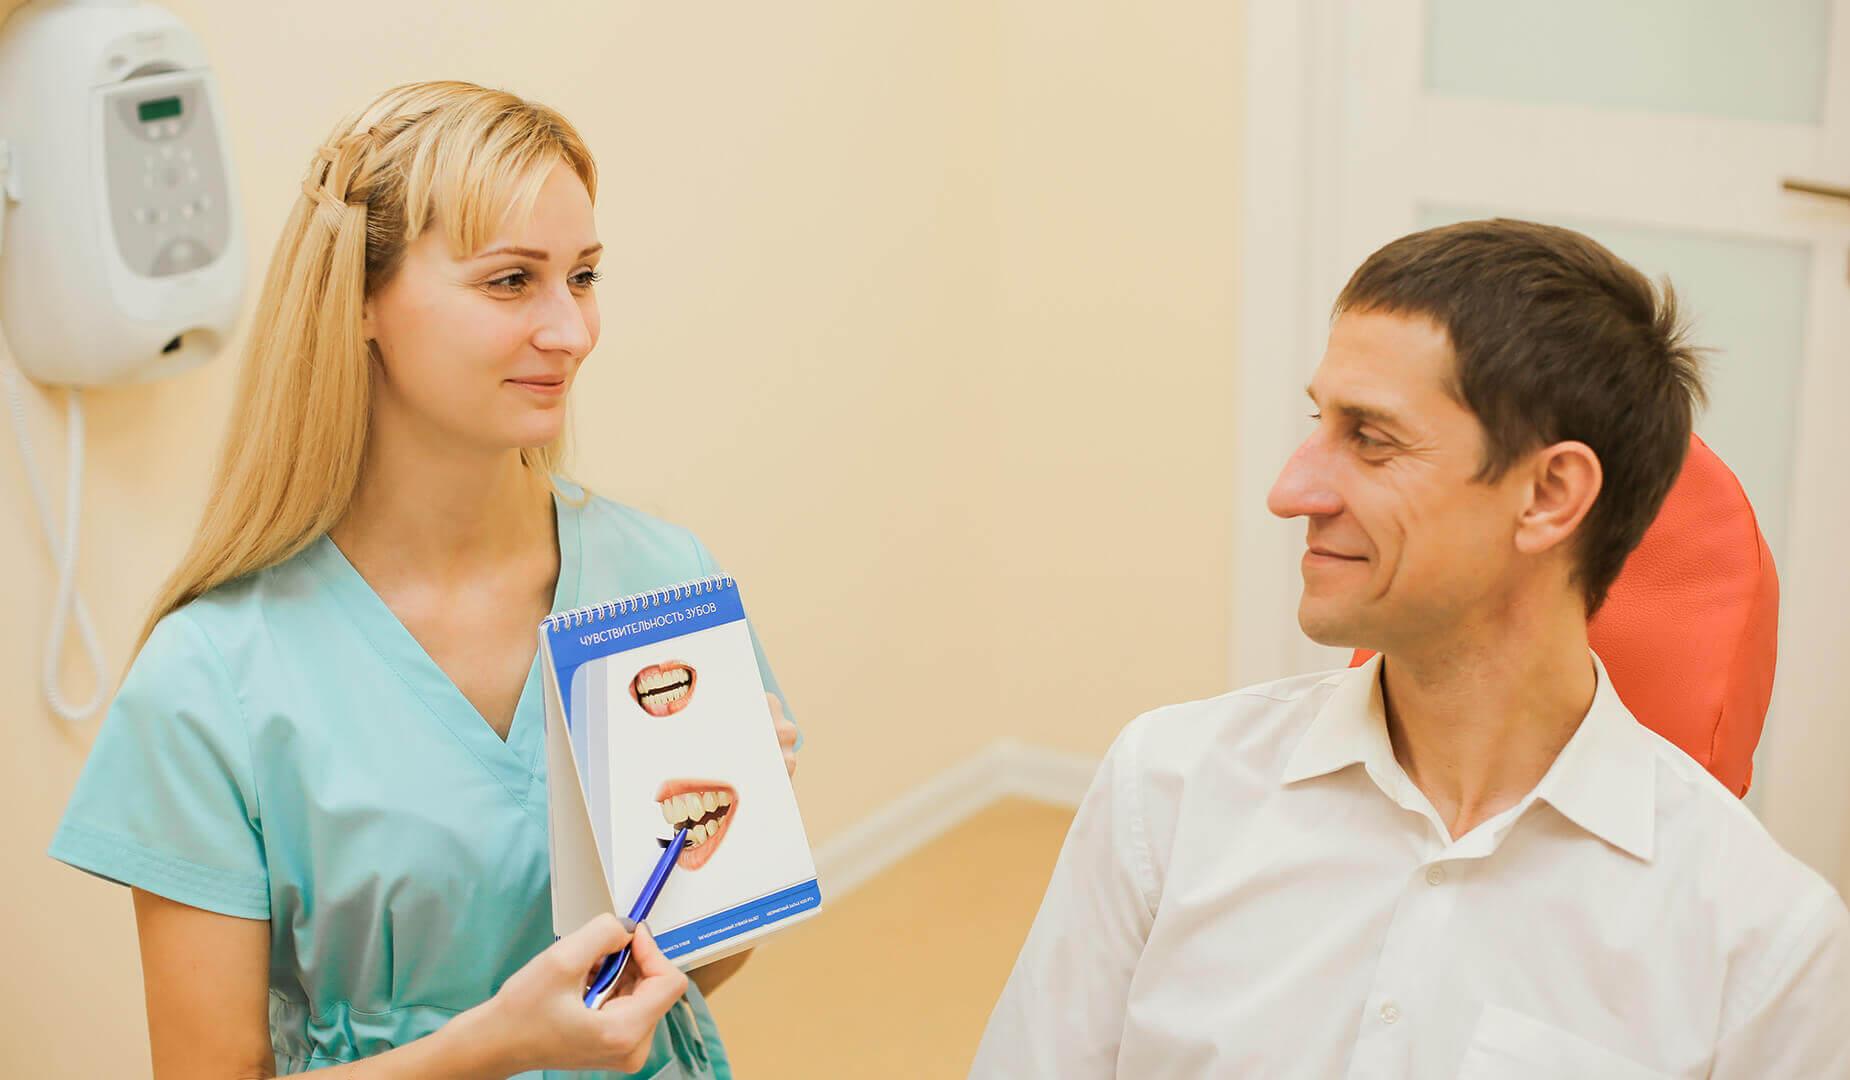 Врач наглядно рассказывает пациенту, как возникает кариес